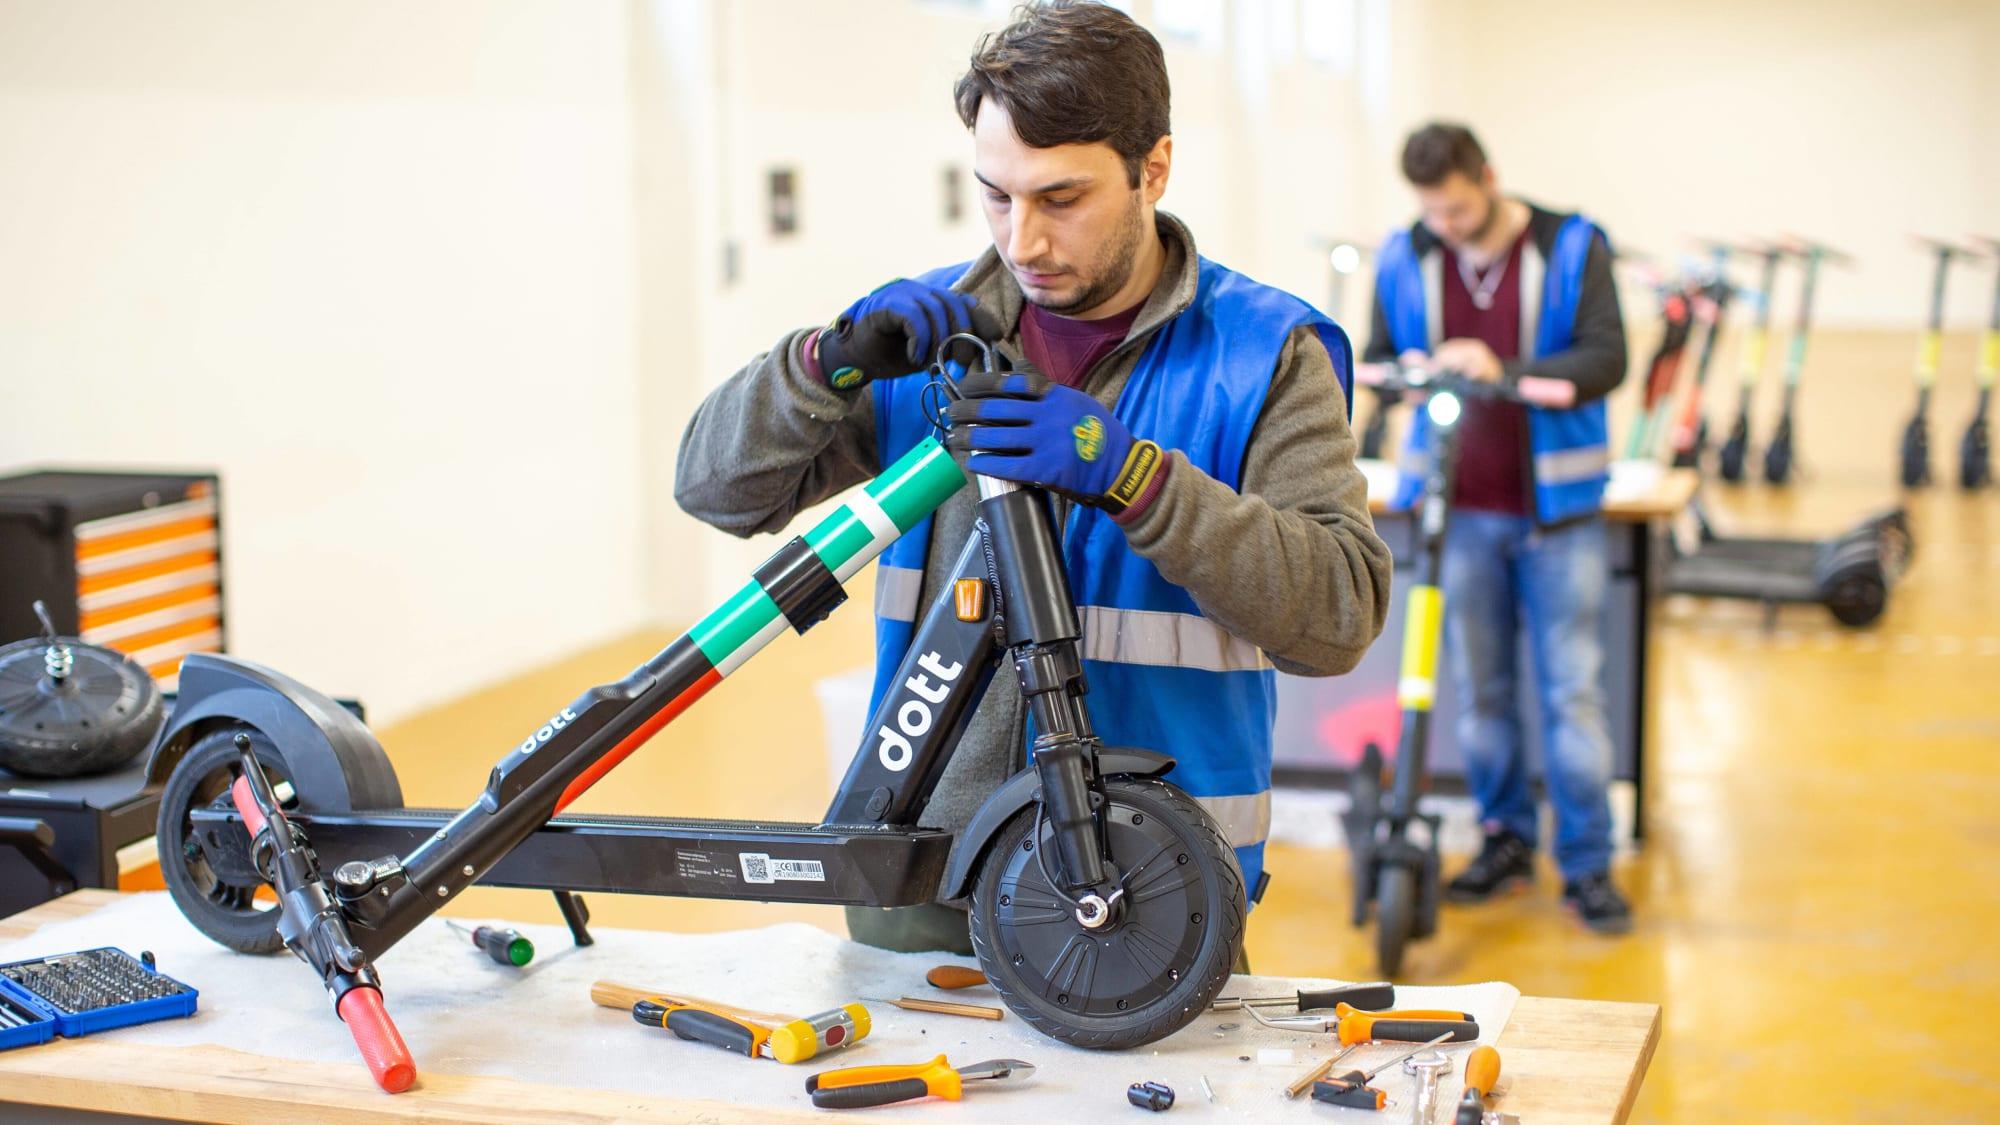 E-Scooter-Anbieter Dott gibt Einblicke in seine Reparatur-Werkstatt in Garching bei München